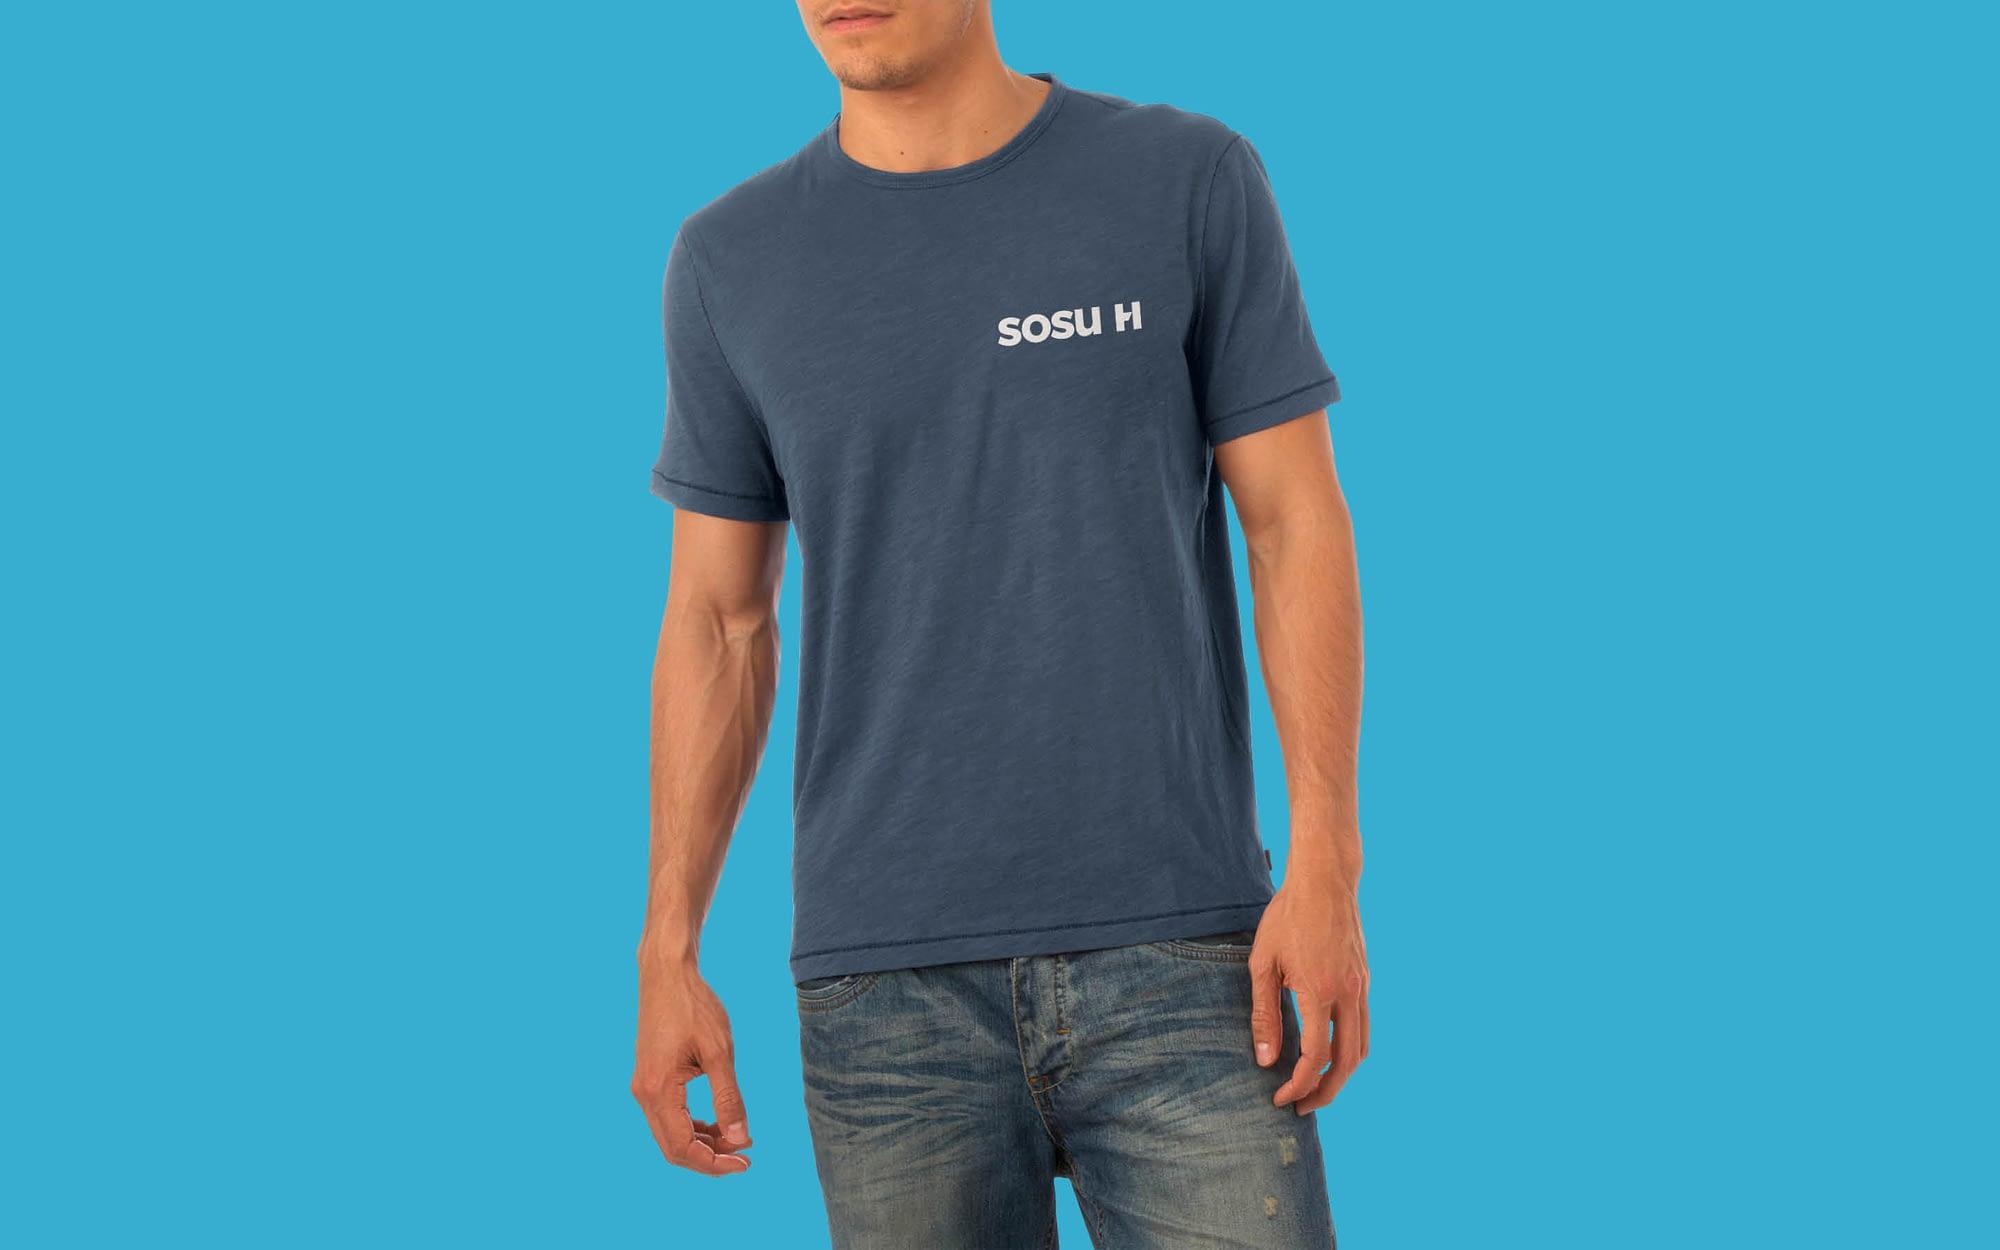 Eksempel på t-shirt som del af designmanual for SOSU H